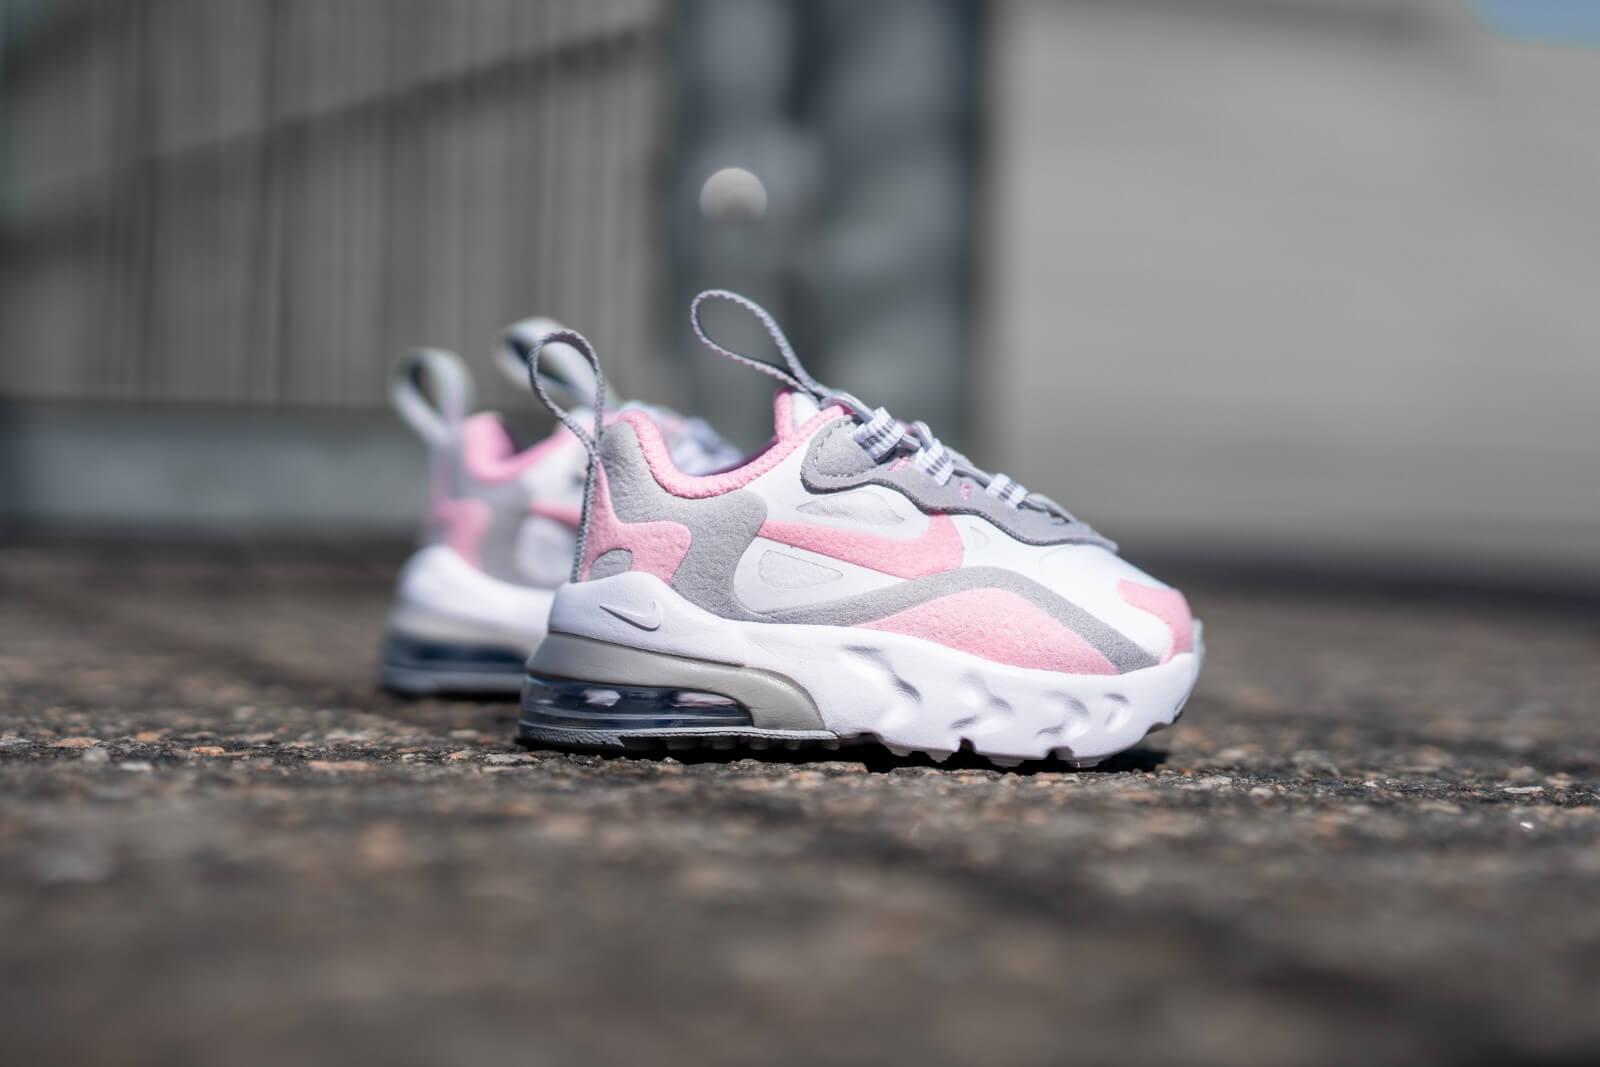 Nike Air Max 270 RT TD White/Pink-Smoke